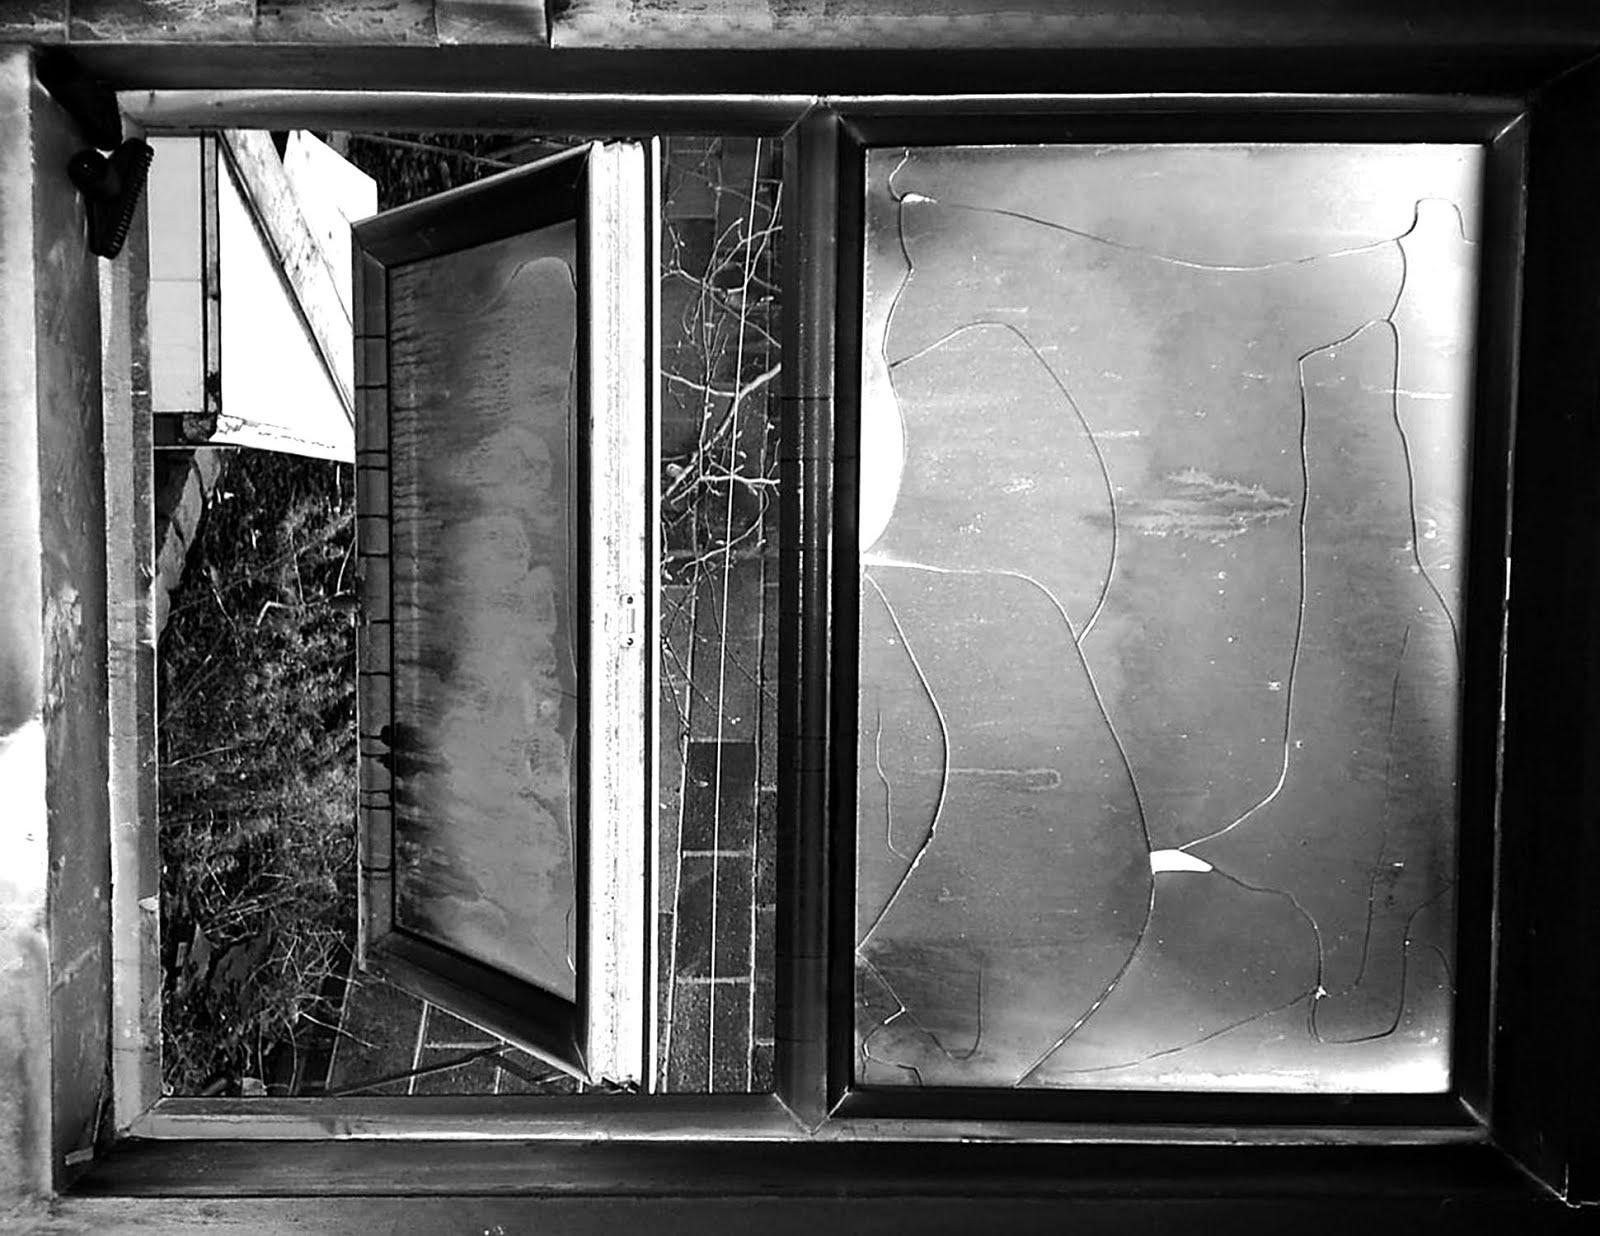 vitrô de banheiro que dá para o fundo do quintal